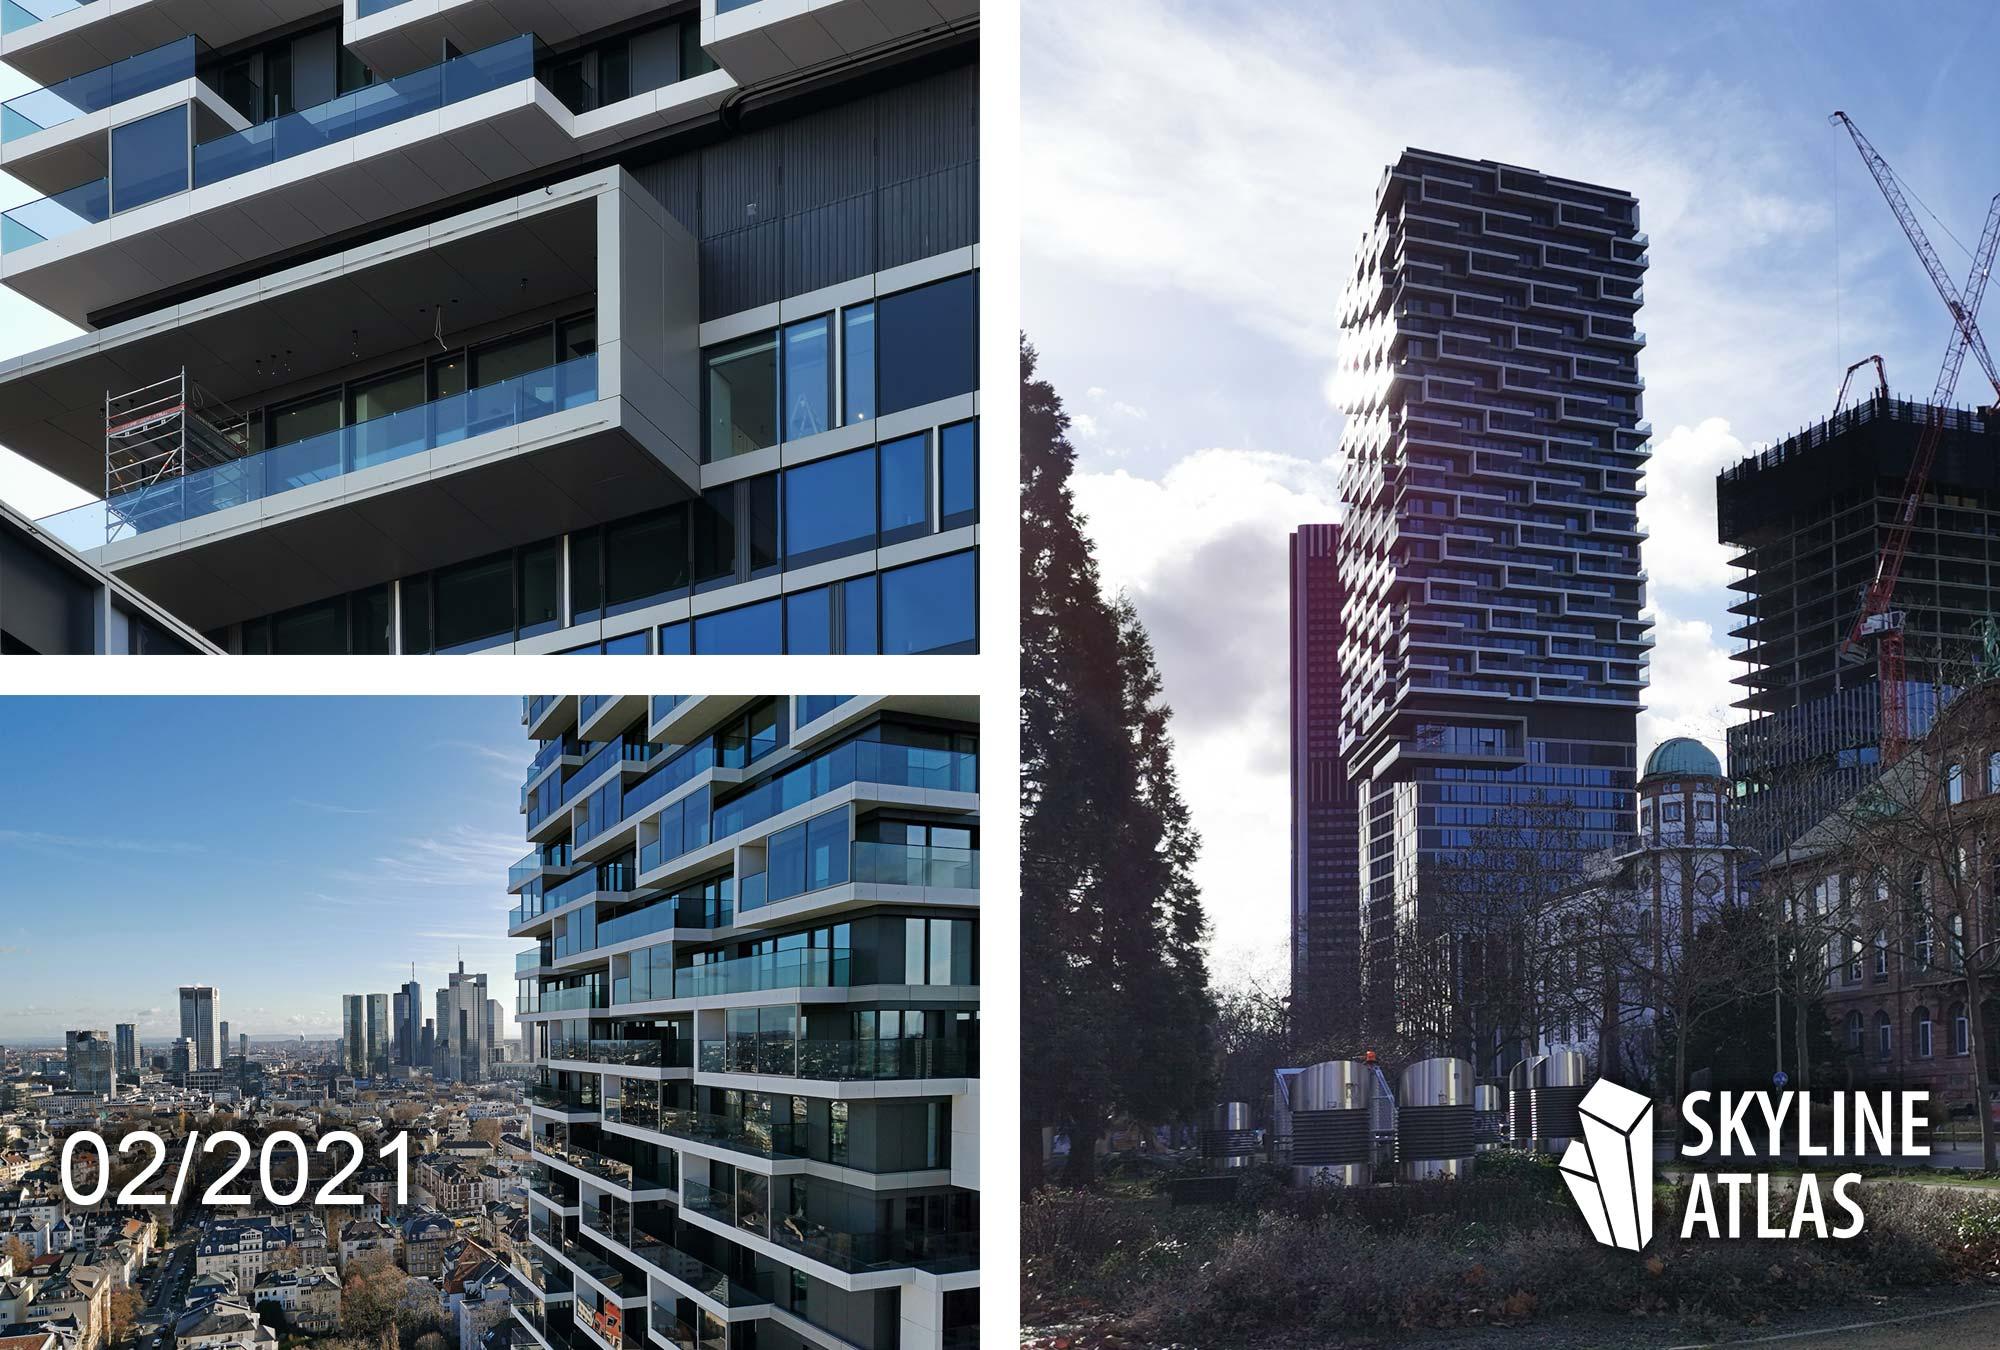 ONE FORTY WEST FFM - Entworfen von cyrus moser architekten - Hochhaus Bastelle 140 West Februar 2021